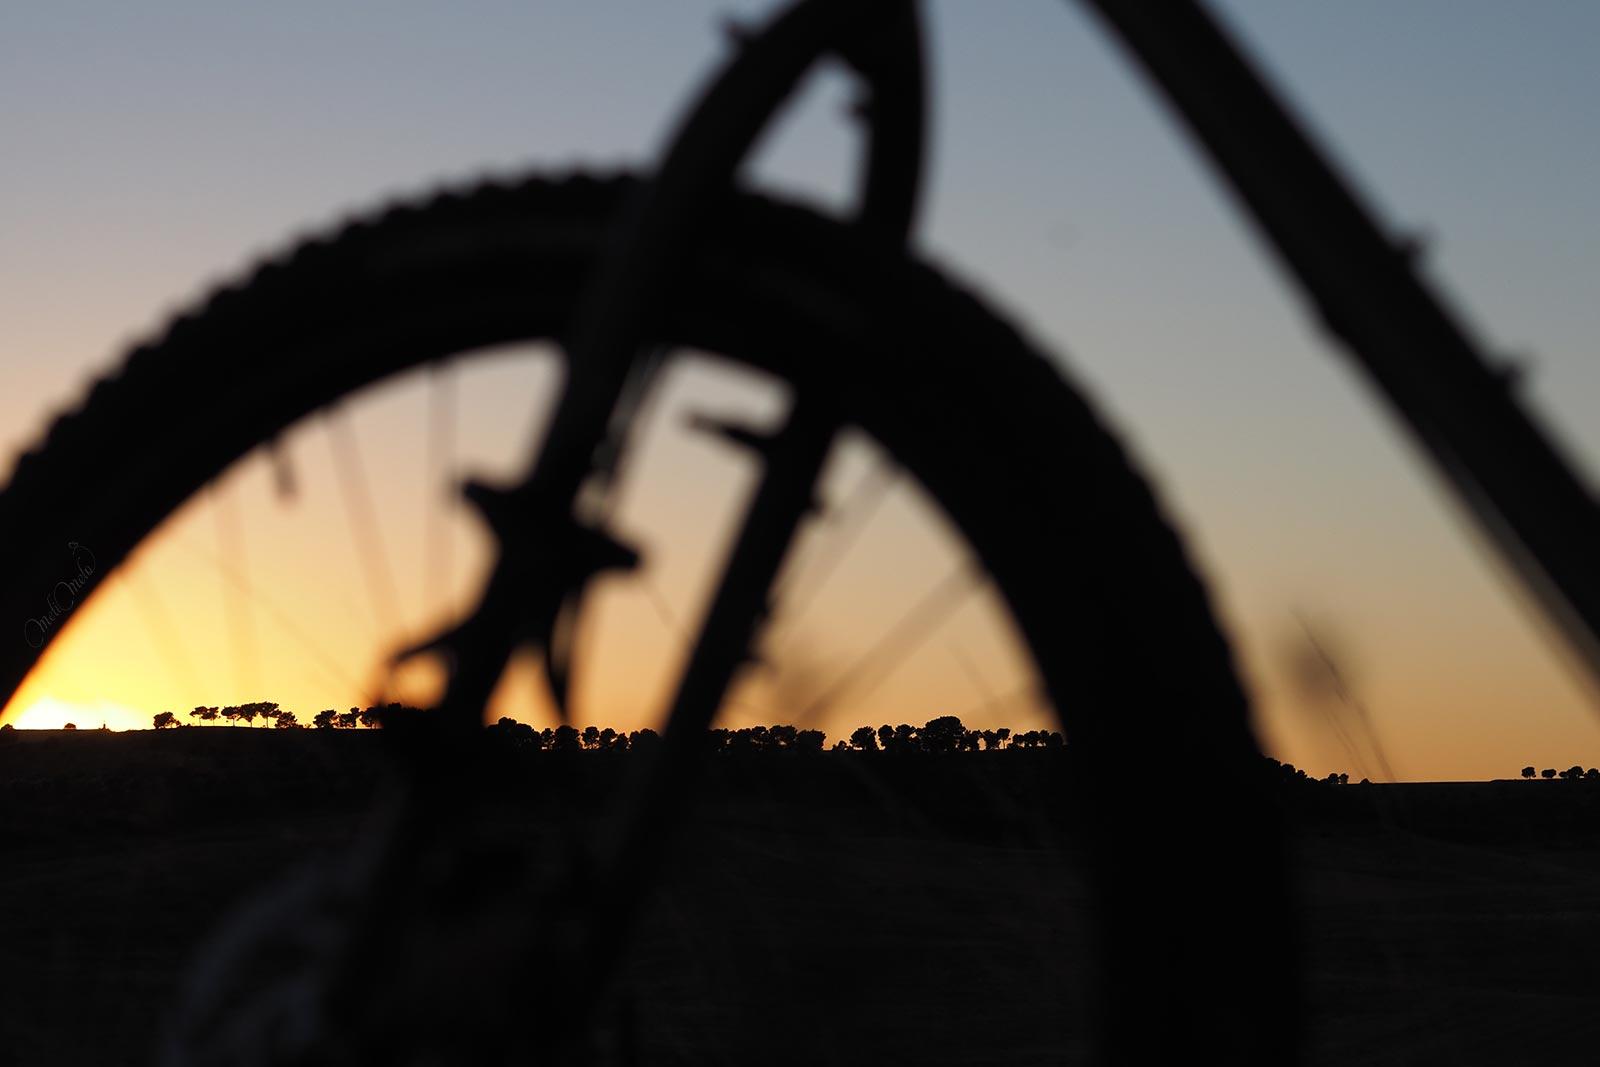 coucher-soleil-septembre-castilla-leon-yoniquenews-laboutiquedemelimelo